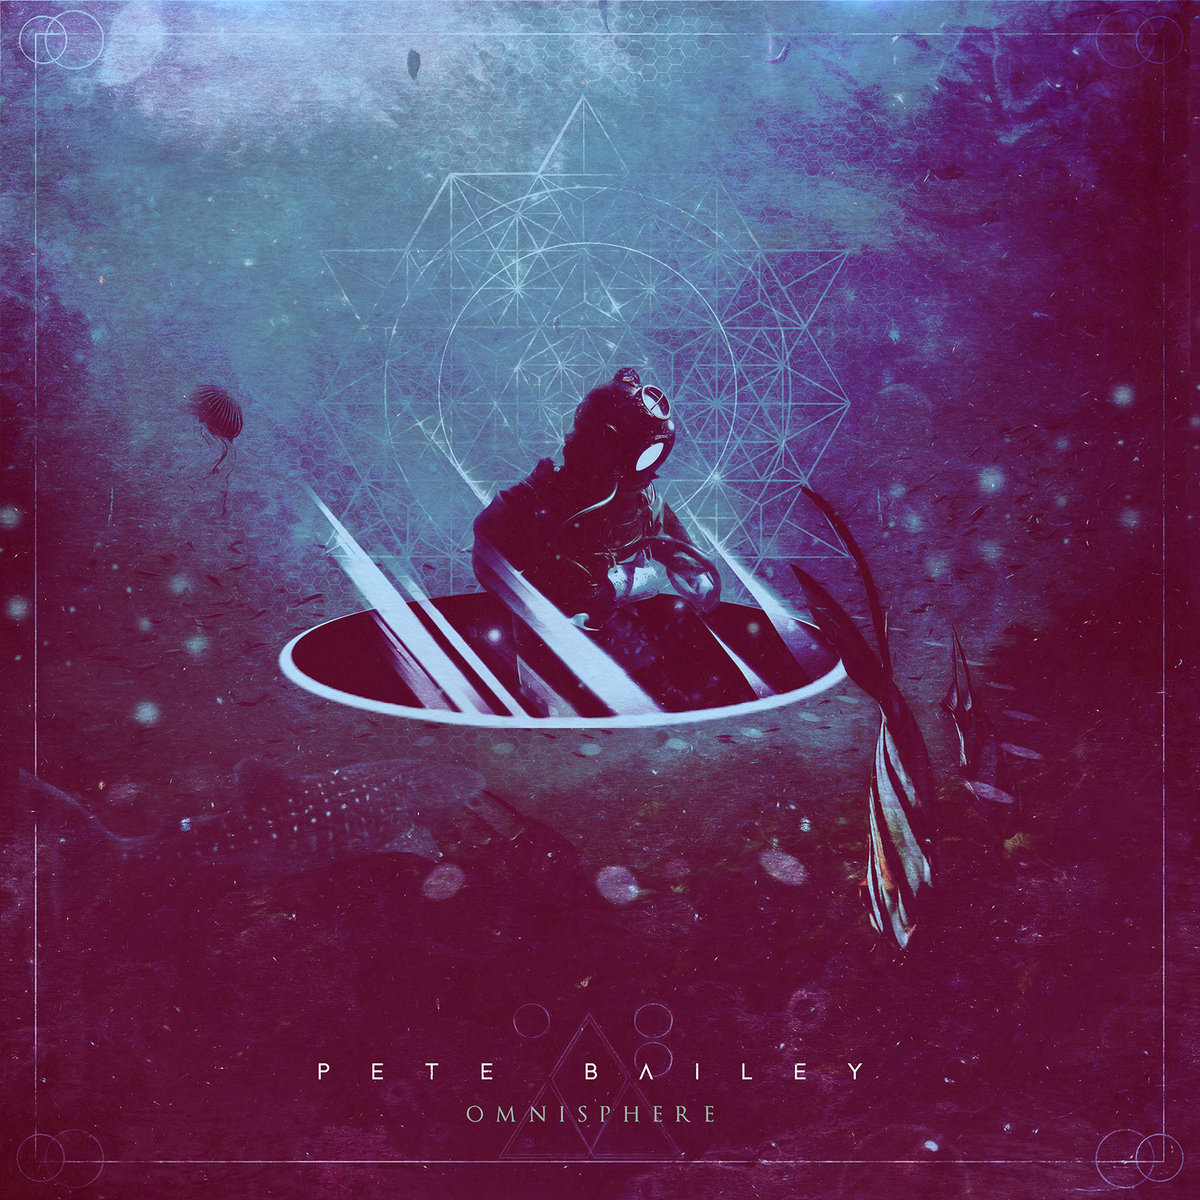 Omnisphere | Pete Bailey